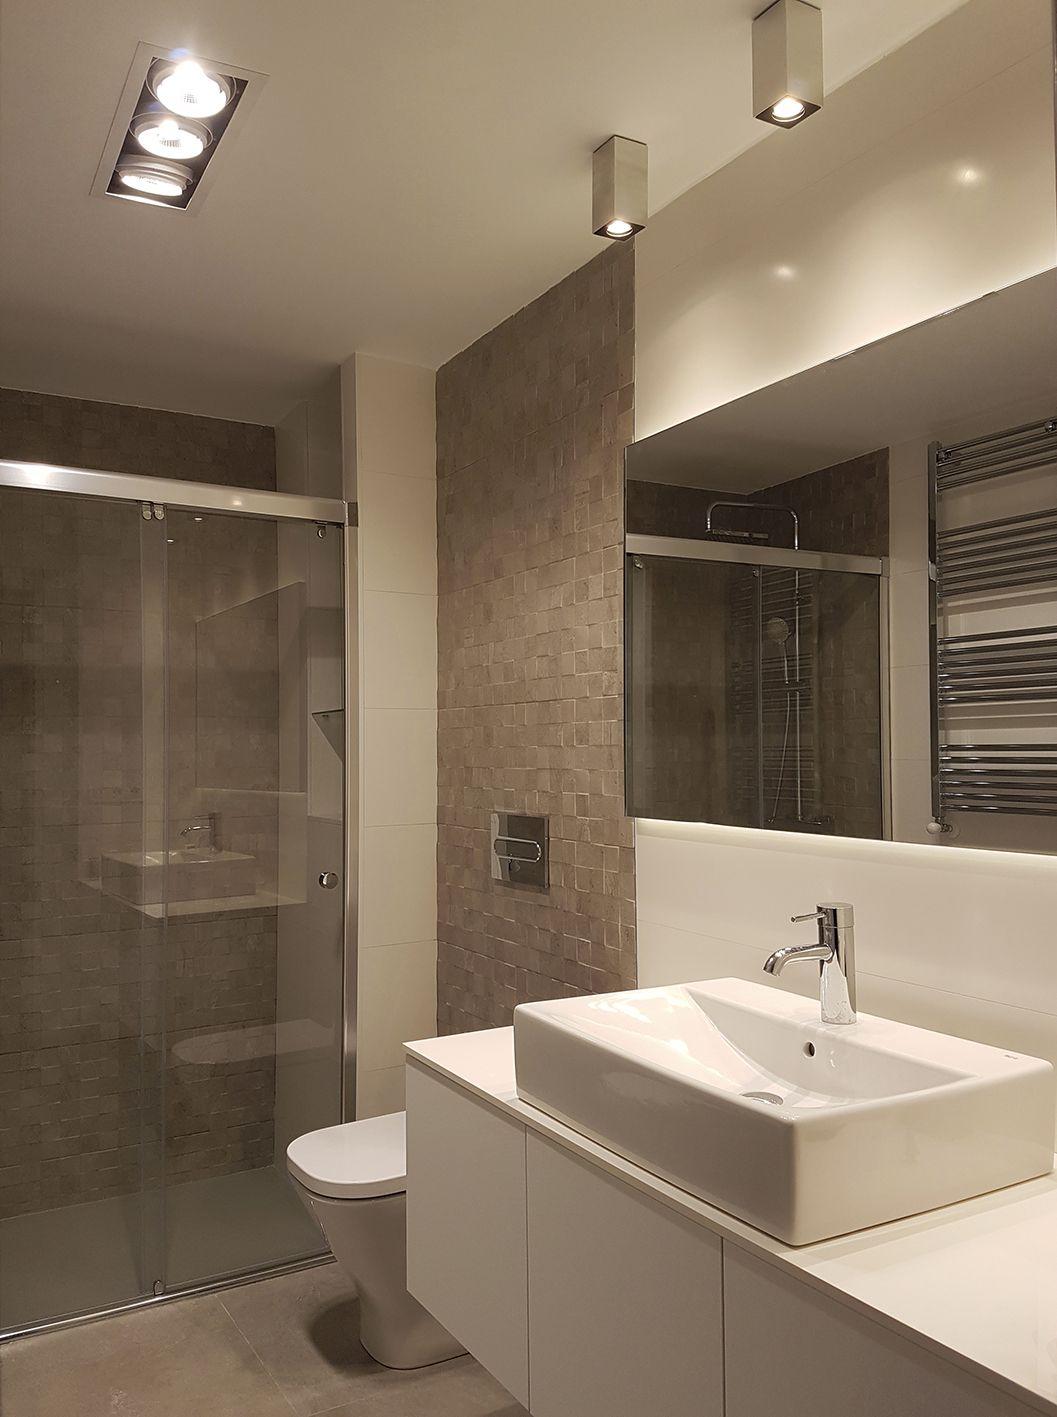 Ba o de dise o minimalista espejo con luz de led traserea para iluminaci n ambiental - Iluminacion de banos modernos ...